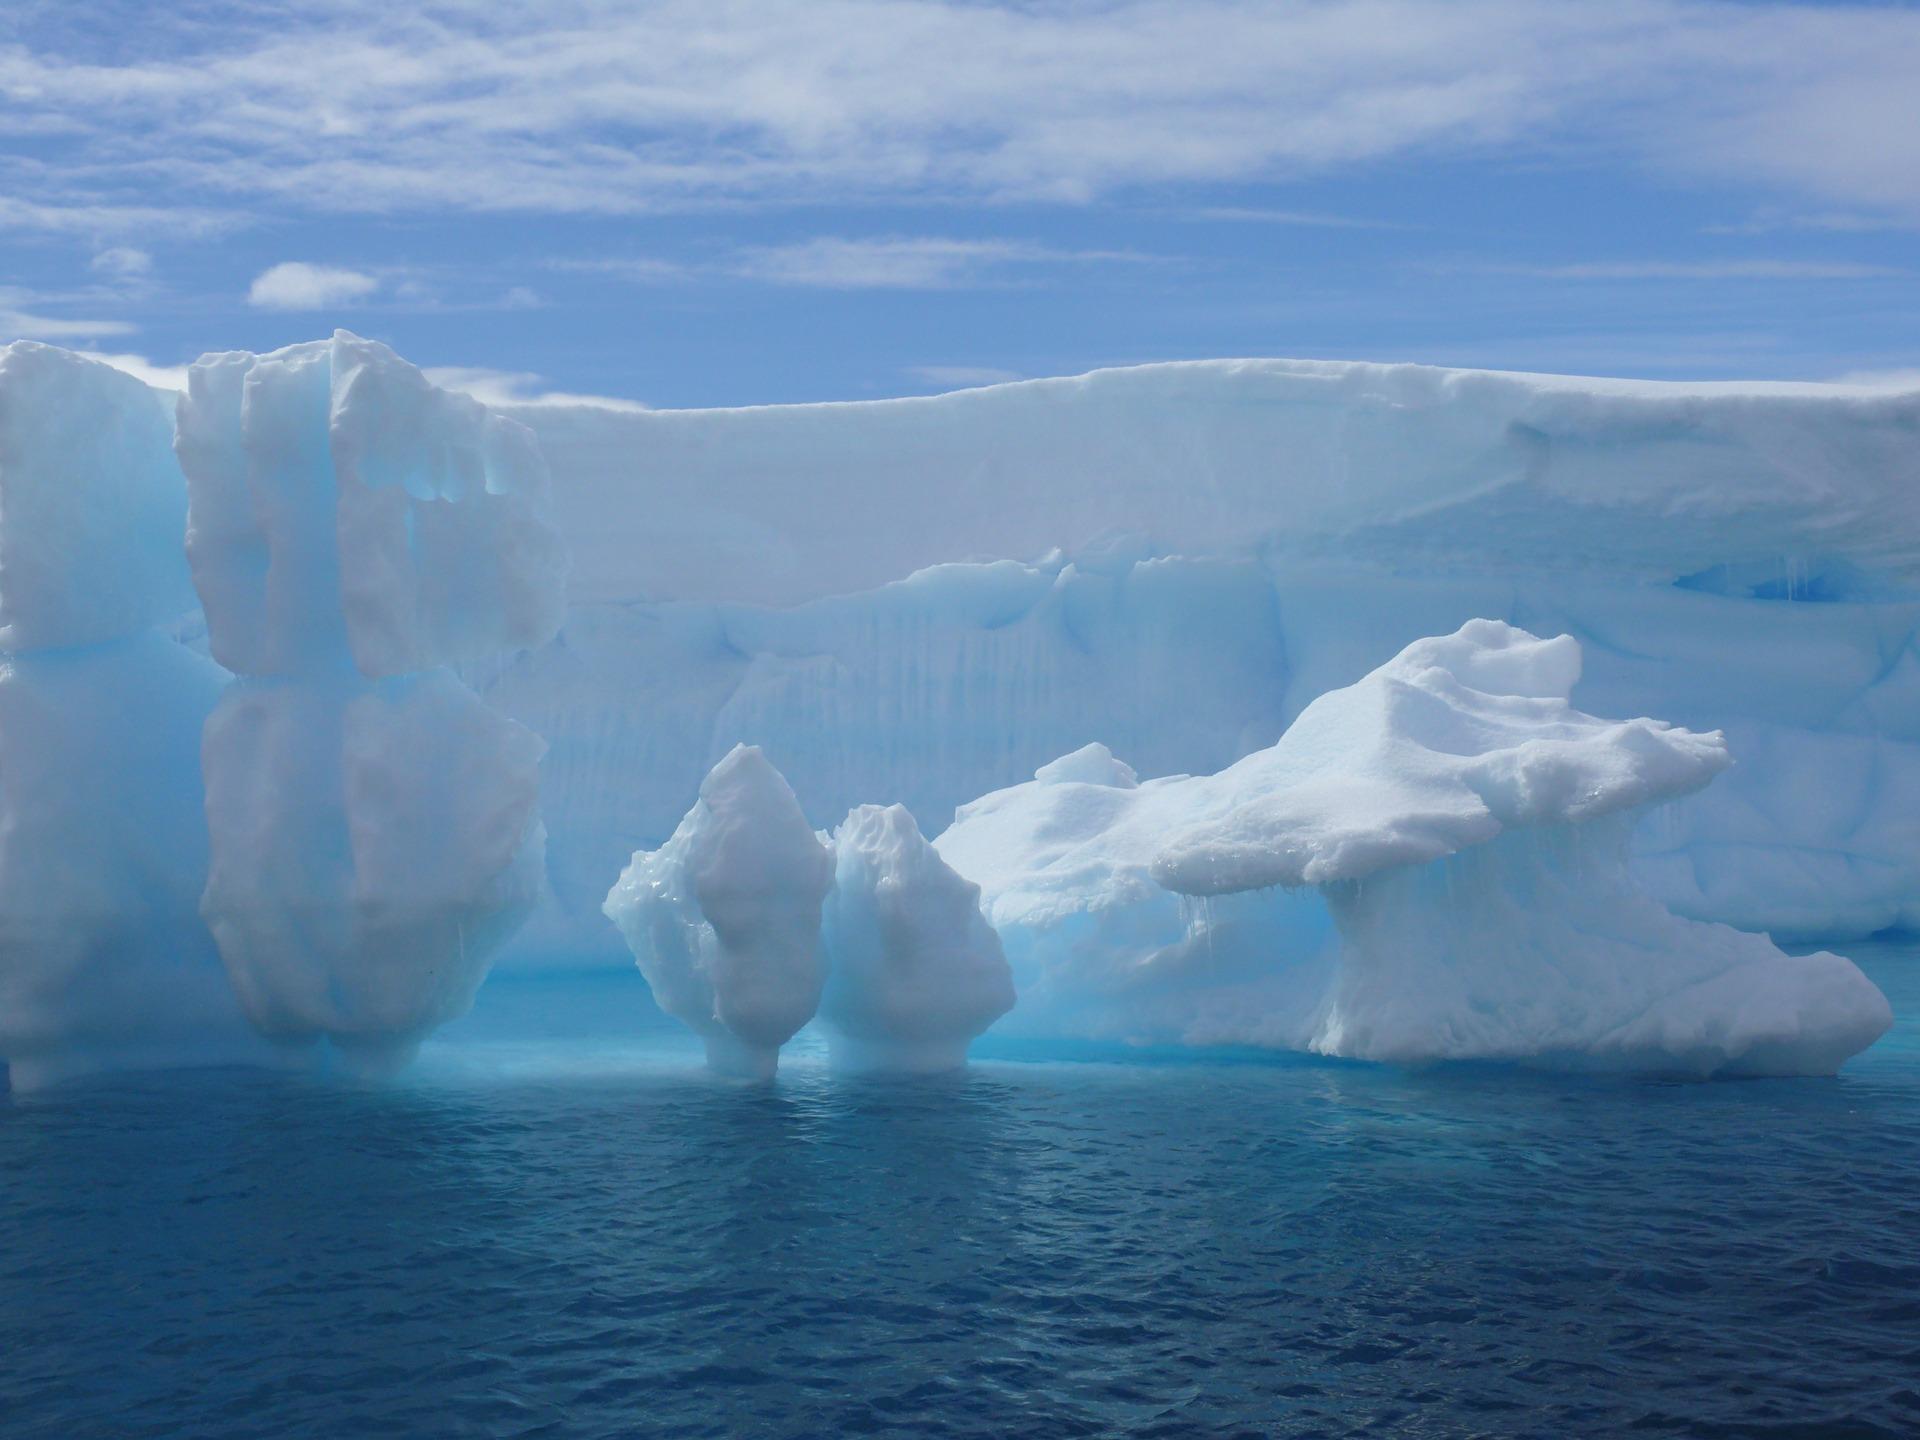 iceberg wallpaper frozen